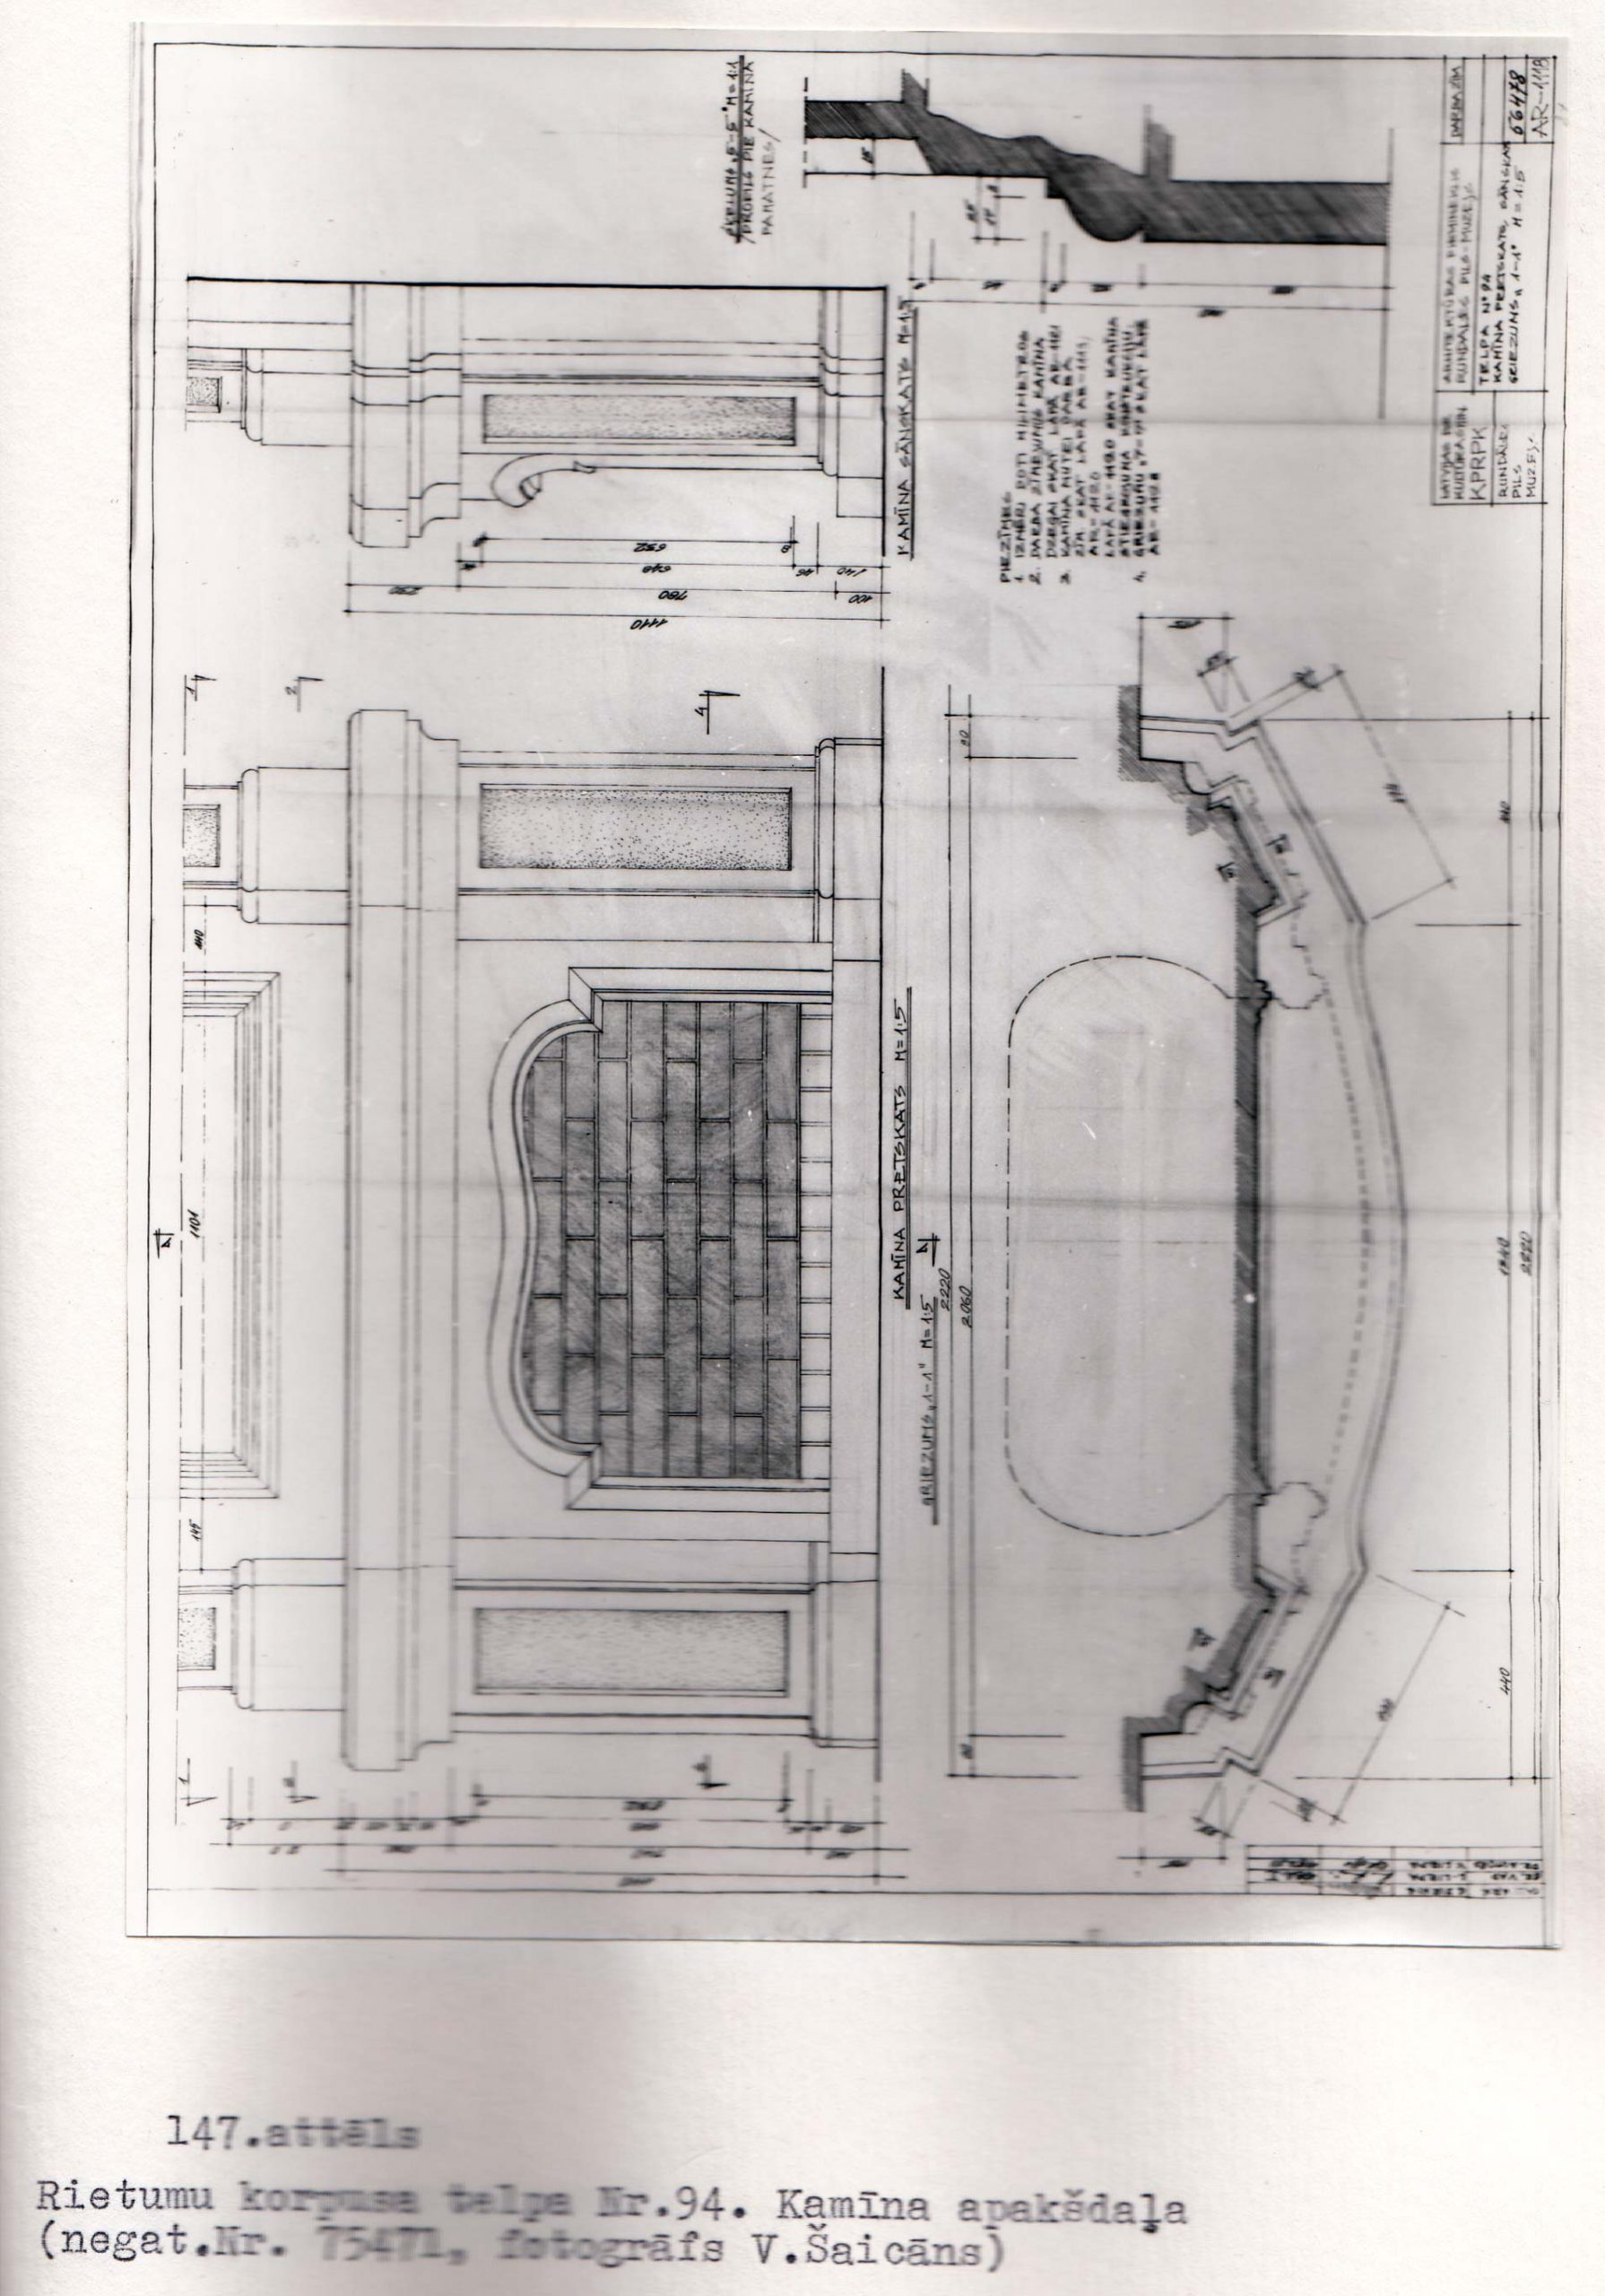 Rundāles pils restaurācijas zinātniskā atskaite, viens no diviem pils kamīniem, rasējumi